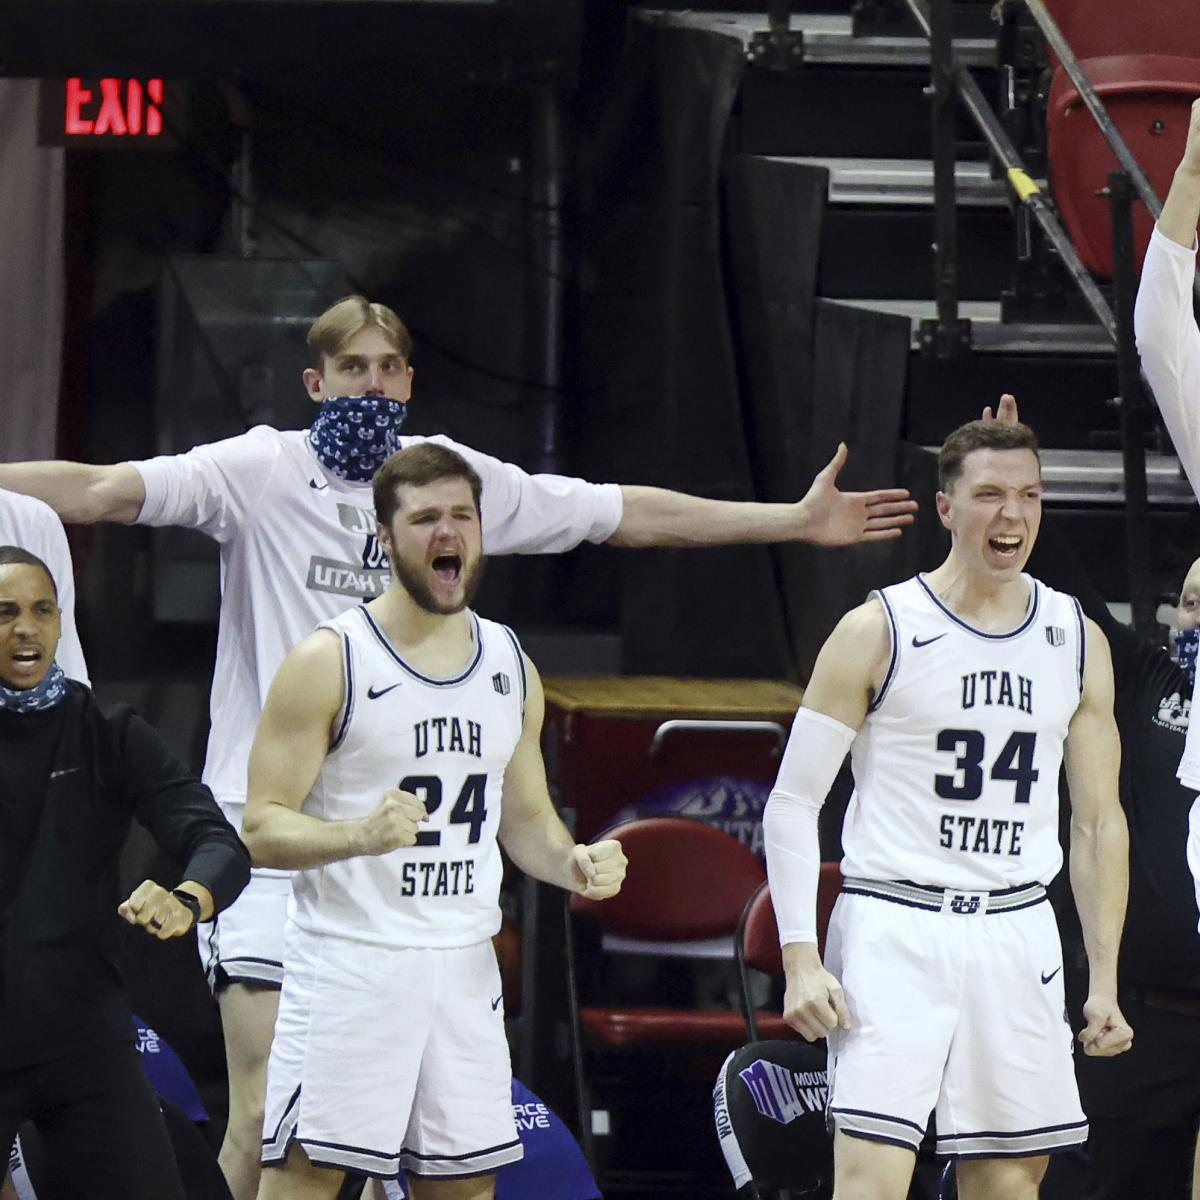 NCAA Basketball Bracket 2021: Latest Bracketology Before Selection Sunday